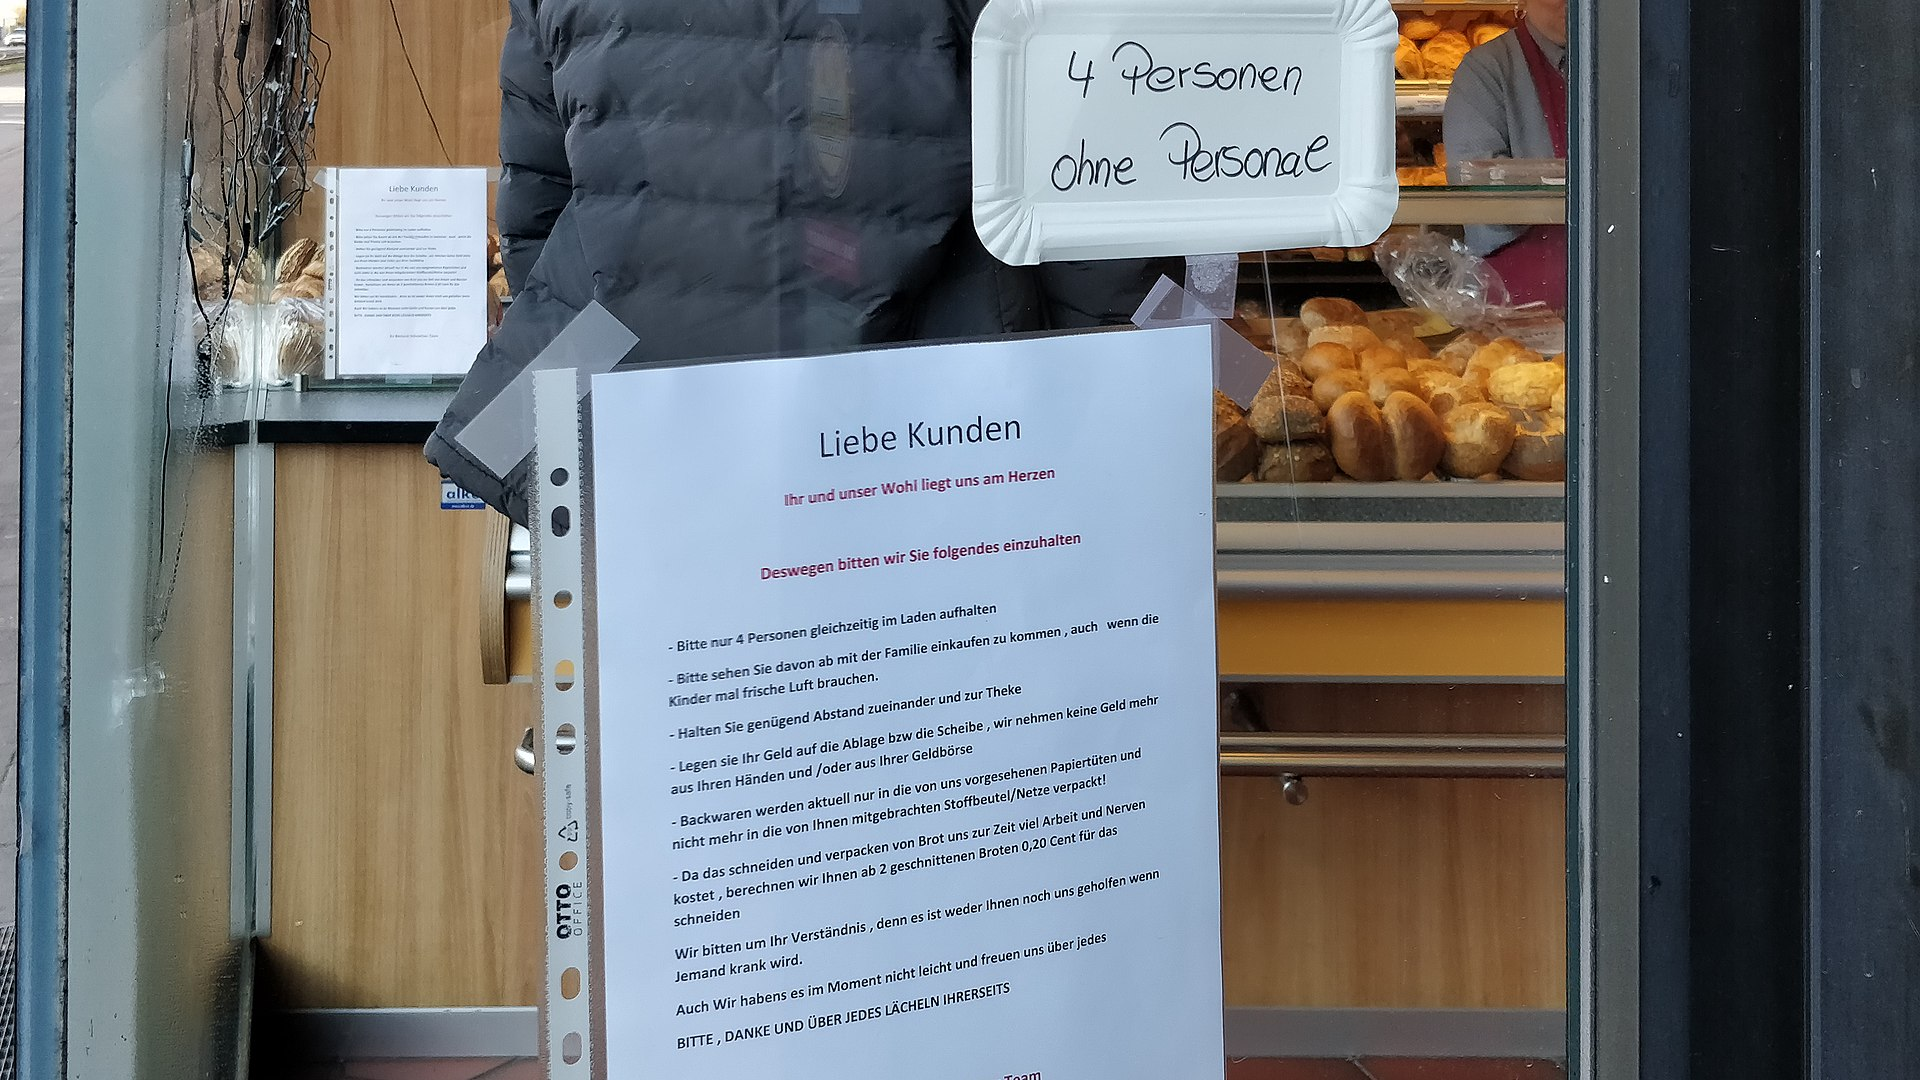 Bäckerei mit Stehcafe in Köln-Ehrenfeld - maximal 4 Kunden im Laden-083934.jpg